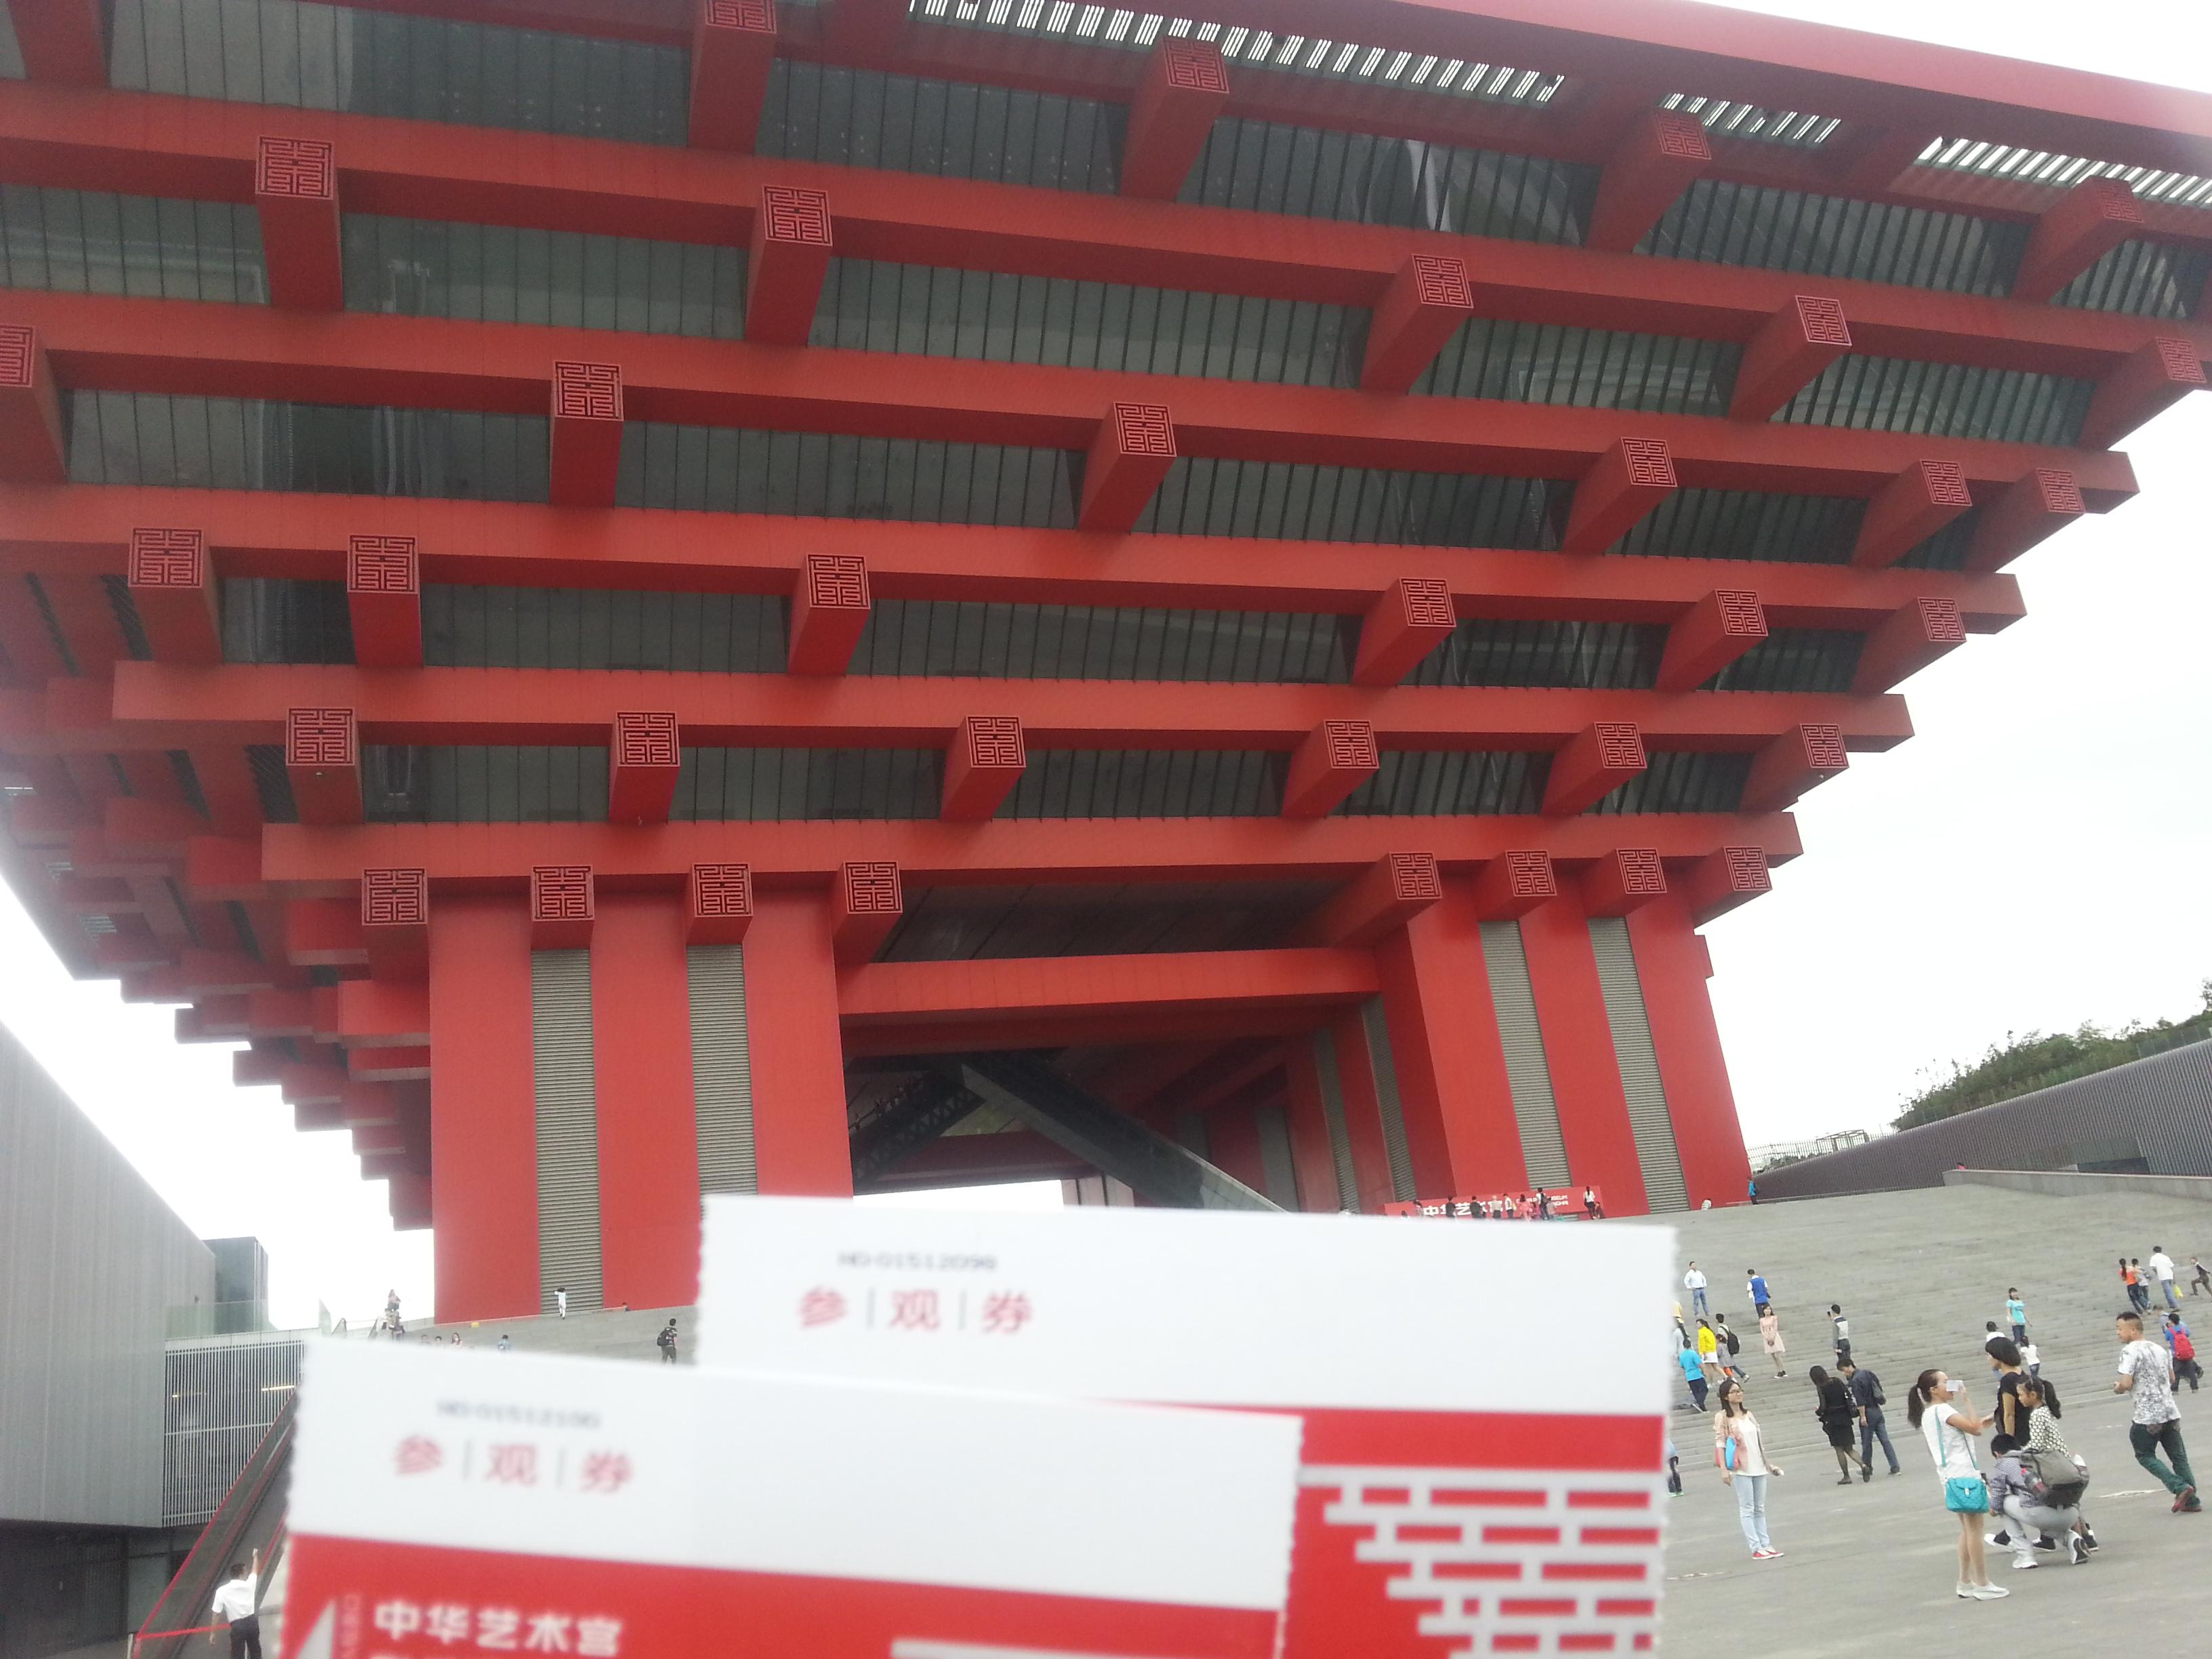 上海世博园,上海上海世博园攻略/地址/图片/门票